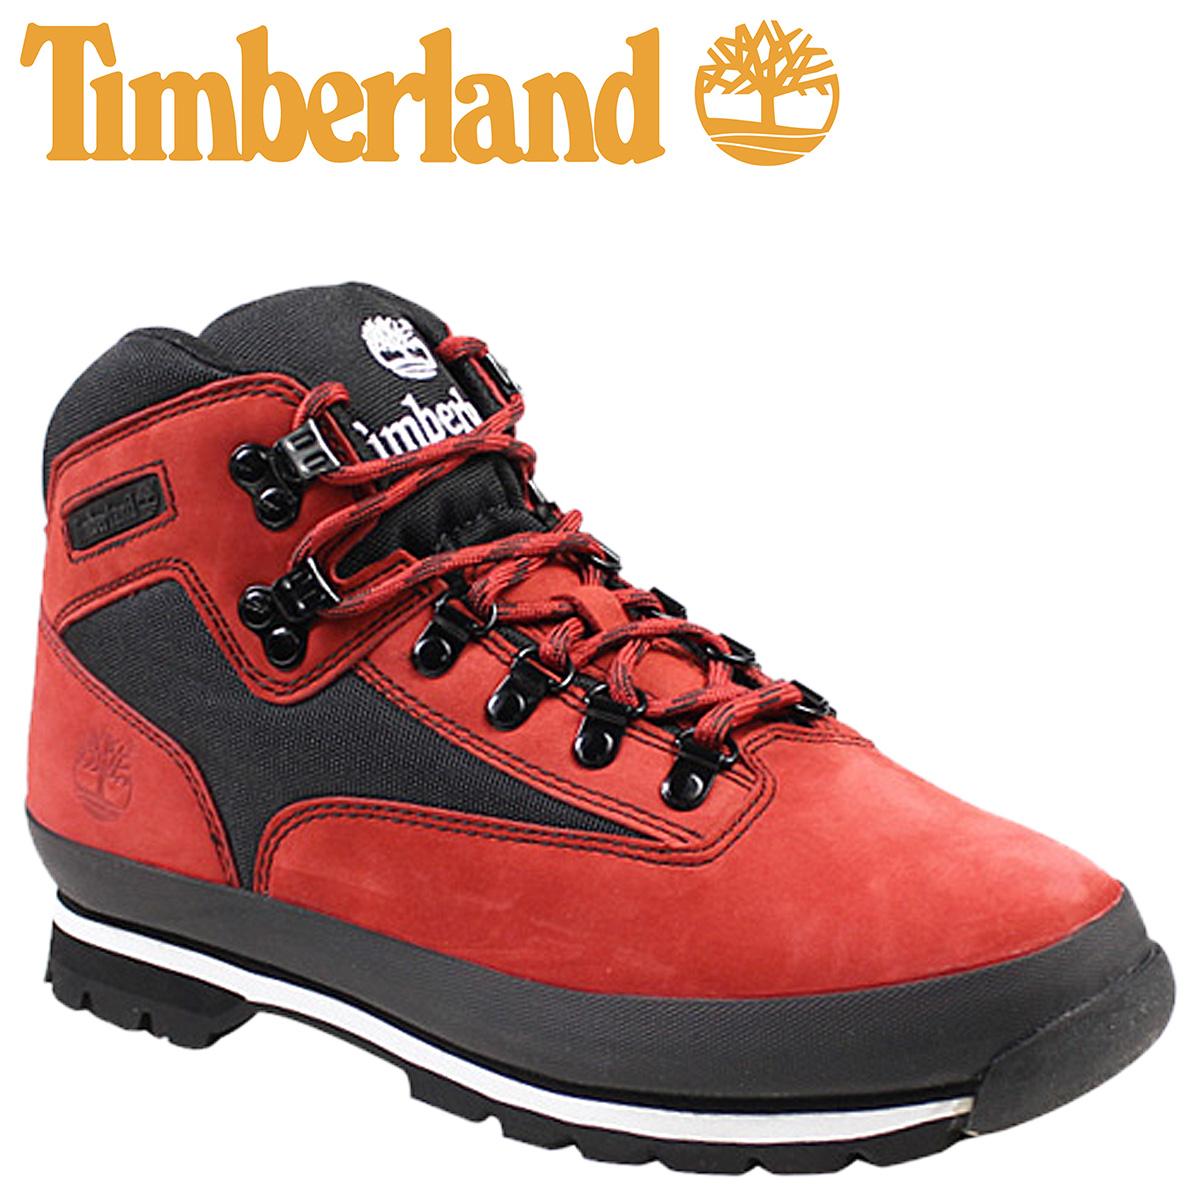 345c7cc89d2 Timberland Timberland boots EUROHIKER FTB 6,664A W Wise men